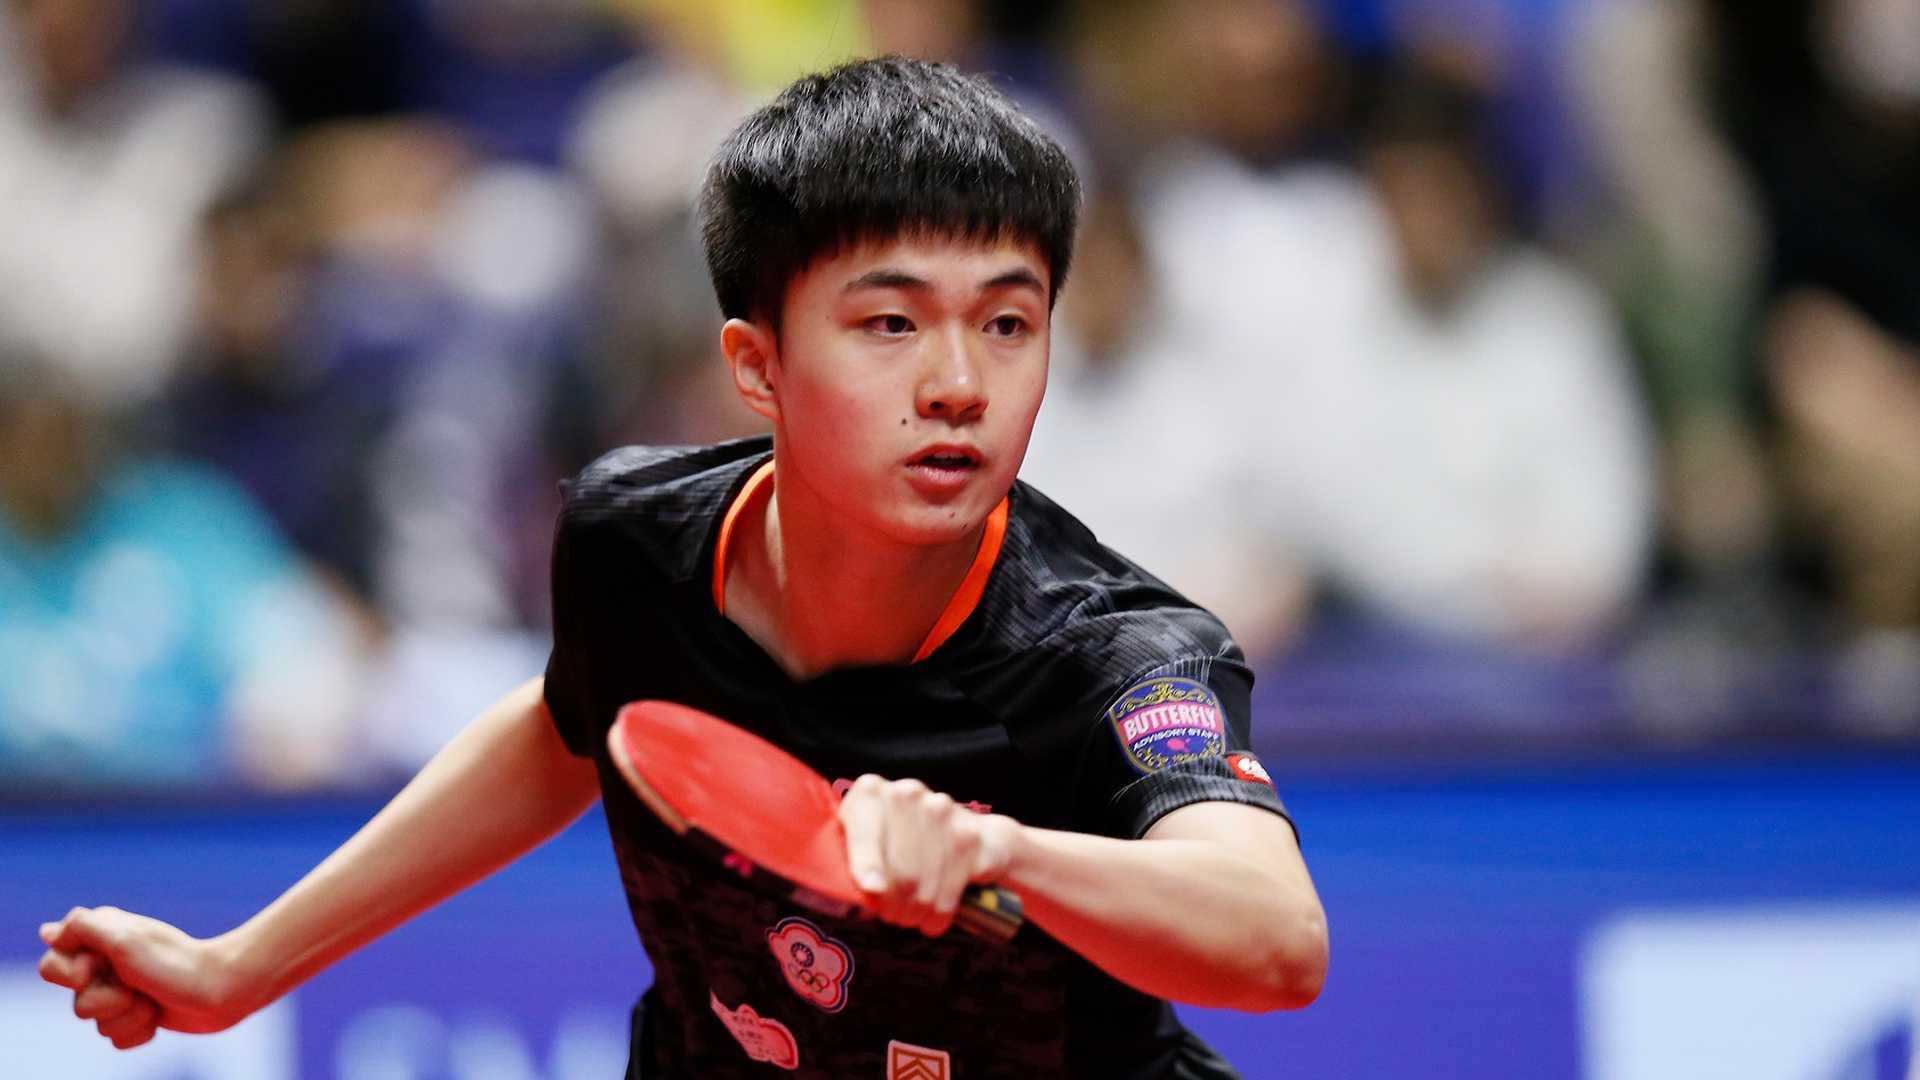 Rising star Lin triumphs at ITTF Czech Open